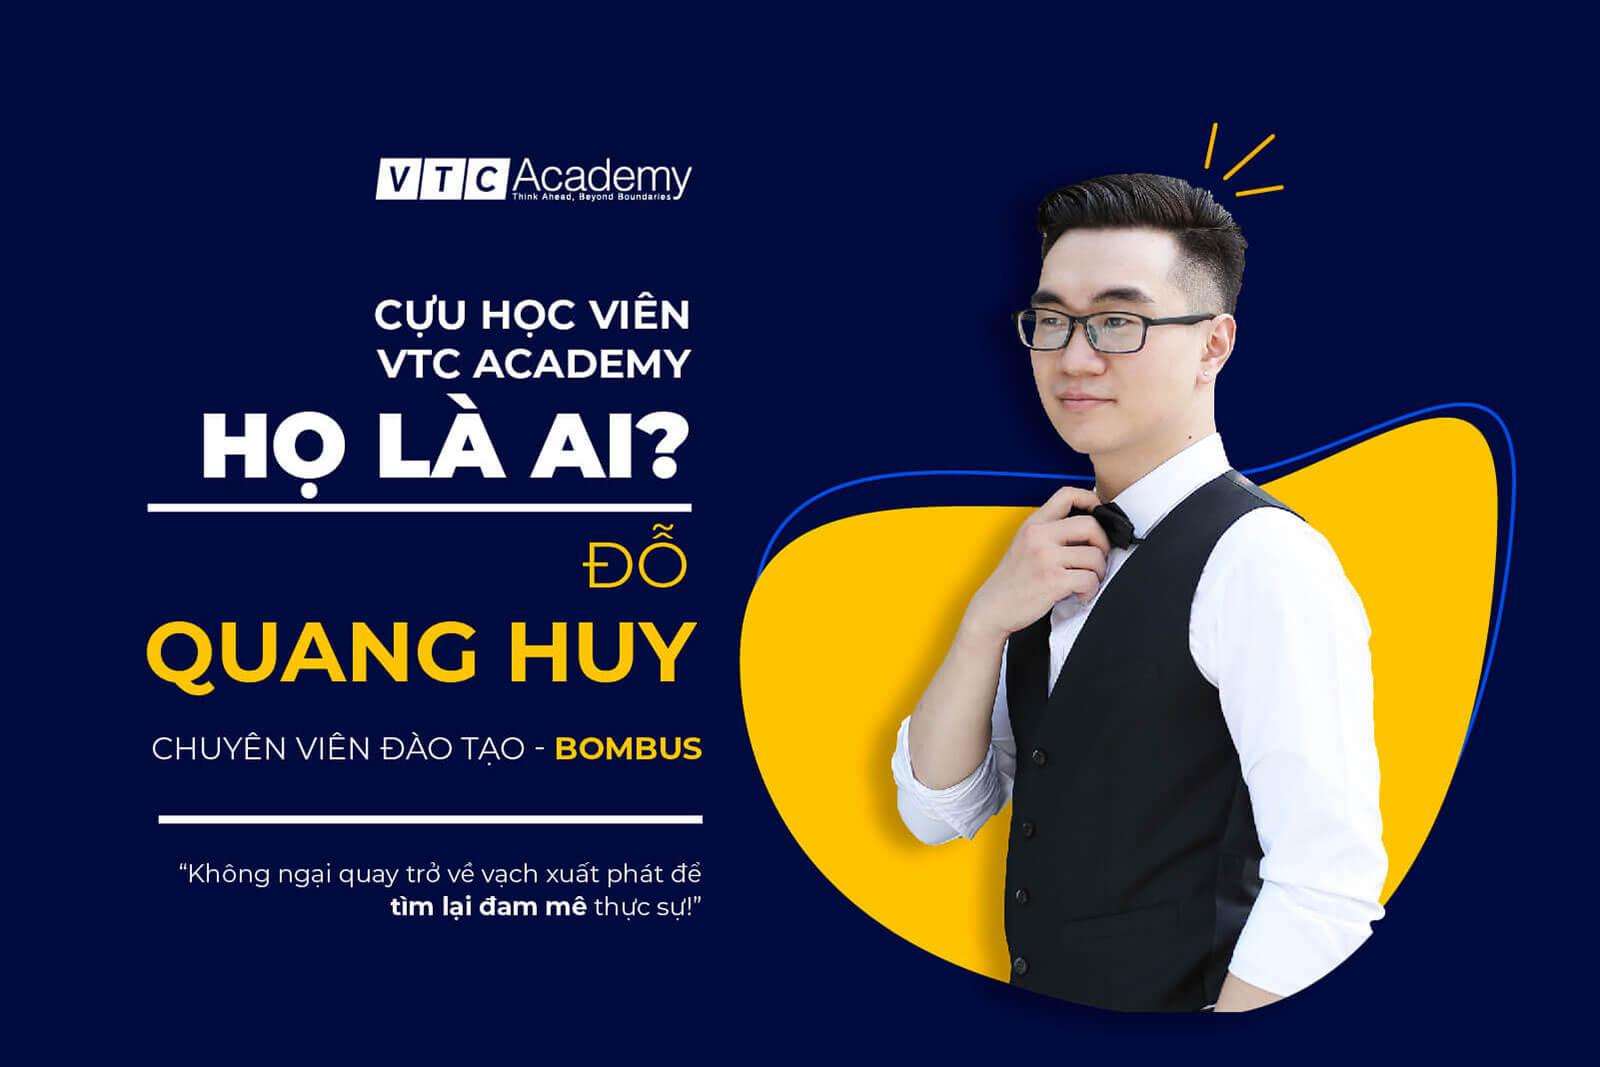 Cựu học viên Đỗ Quang Huy: Không ngại quay trở về vạch xuất phát để tìm lại đam mê thực sự